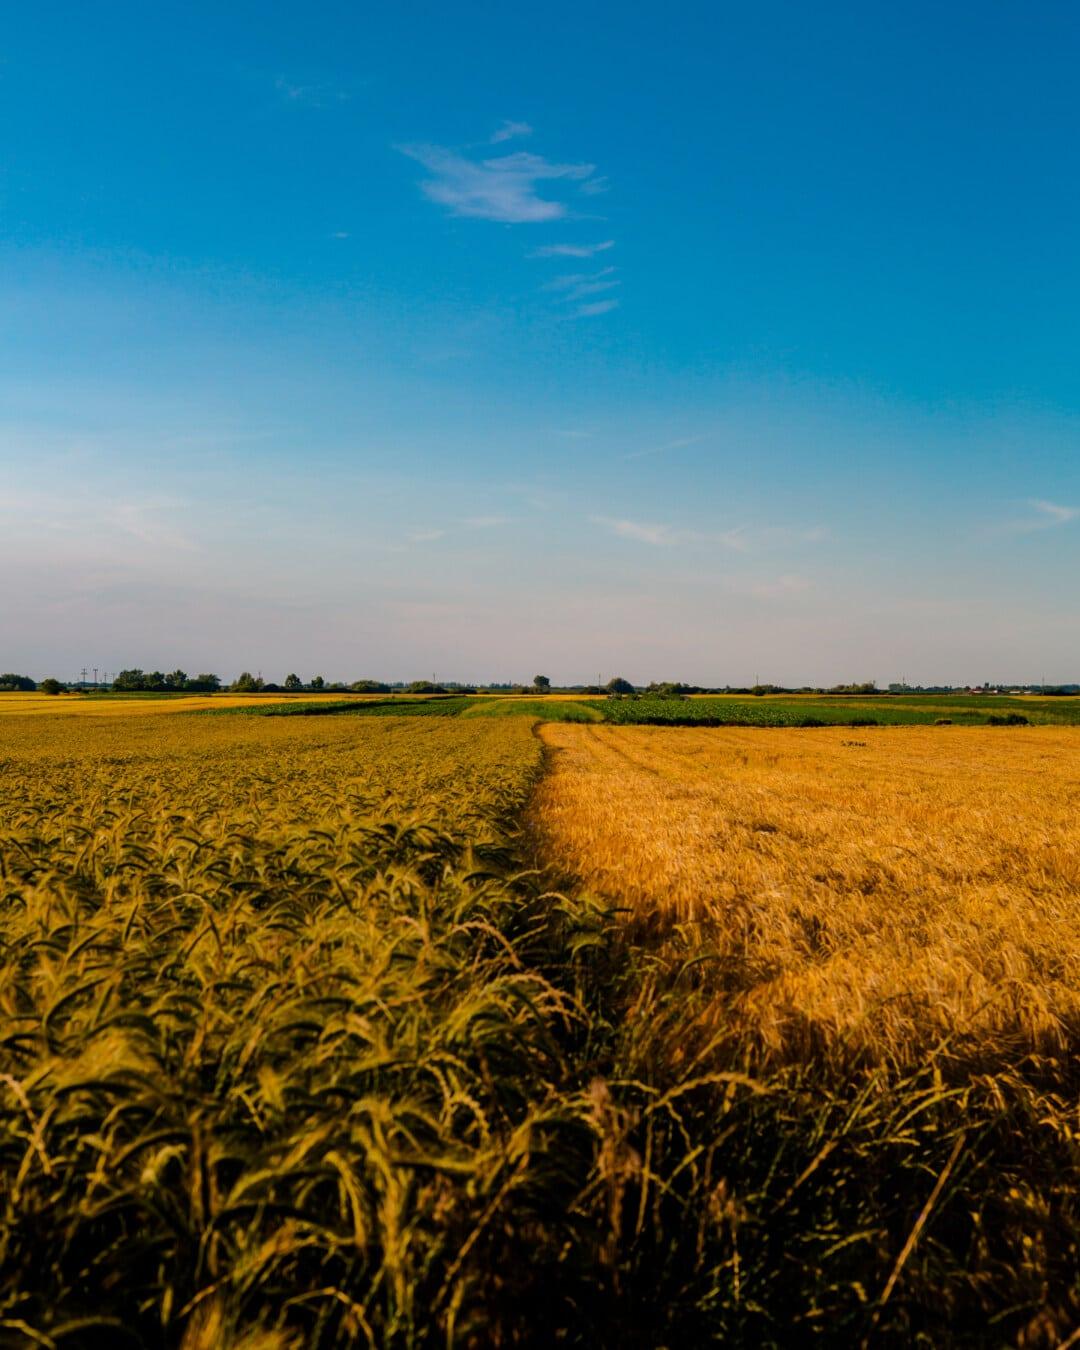 champ de blé, orge, lueur dorée, Agriculture, céréale, domaine, rural, prairie, ferme, blé